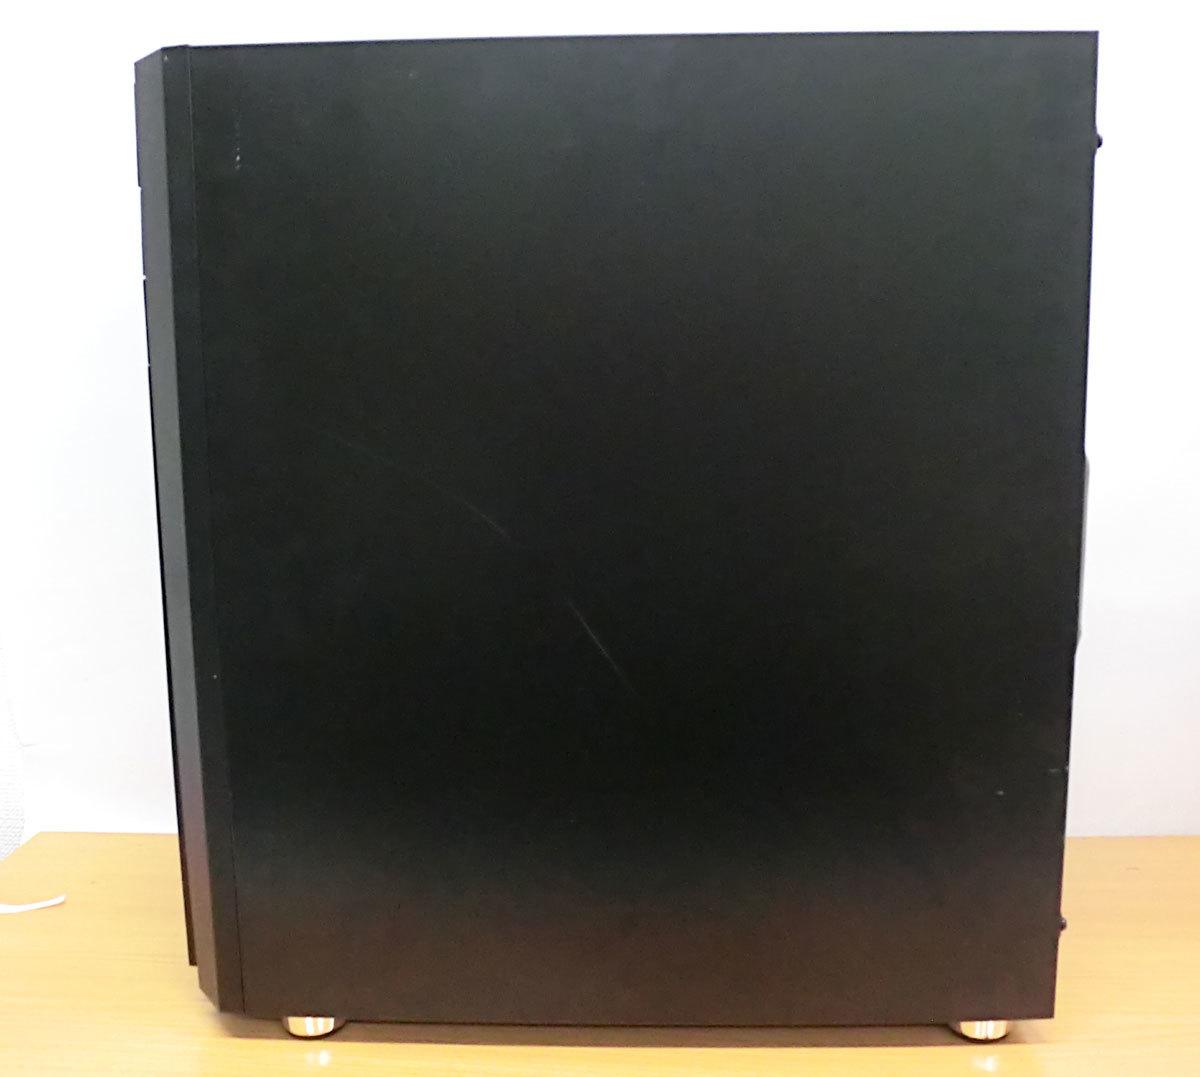 高性能自作ゲーミングPC 16GBメモリ 4コア/8スレッド Corei7 第7世代 7700 最大4.2Ghz GTX1070Ti(8G) 256GB+1TB フォートナイト Windows10 _画像9